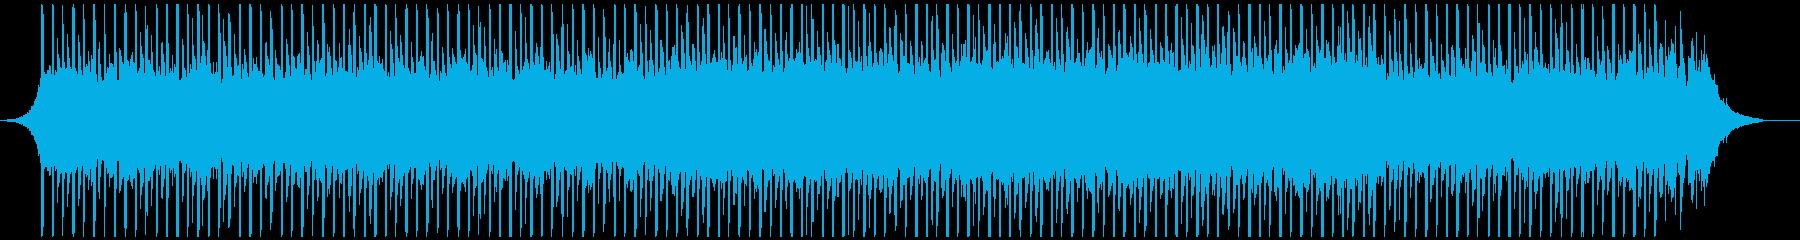 モダンコーポレート(90秒)の再生済みの波形